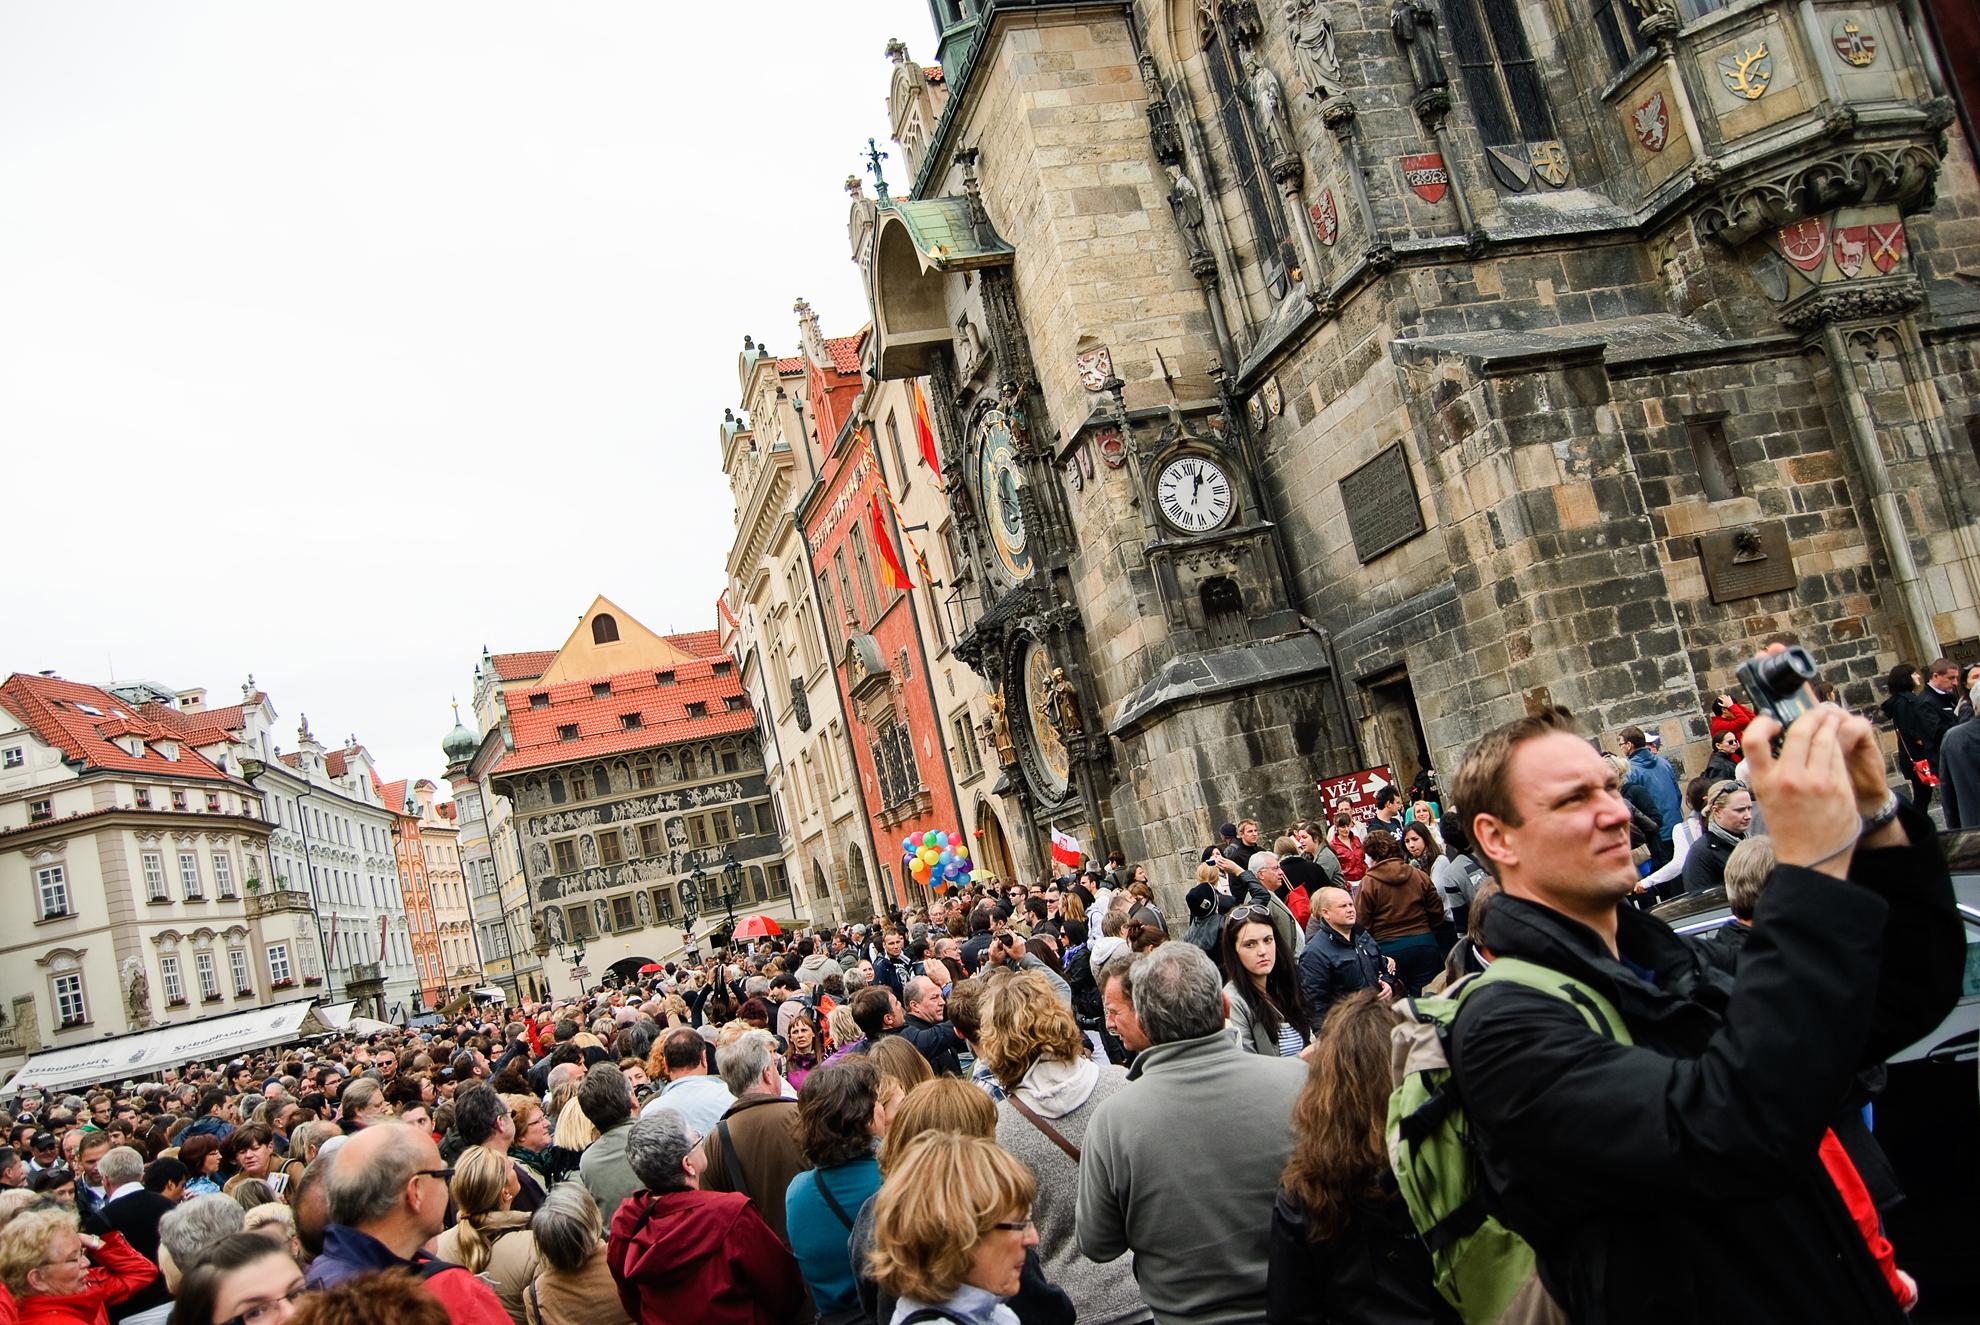 Tłumy pod Ratuszem Staromiejskim w Pradze